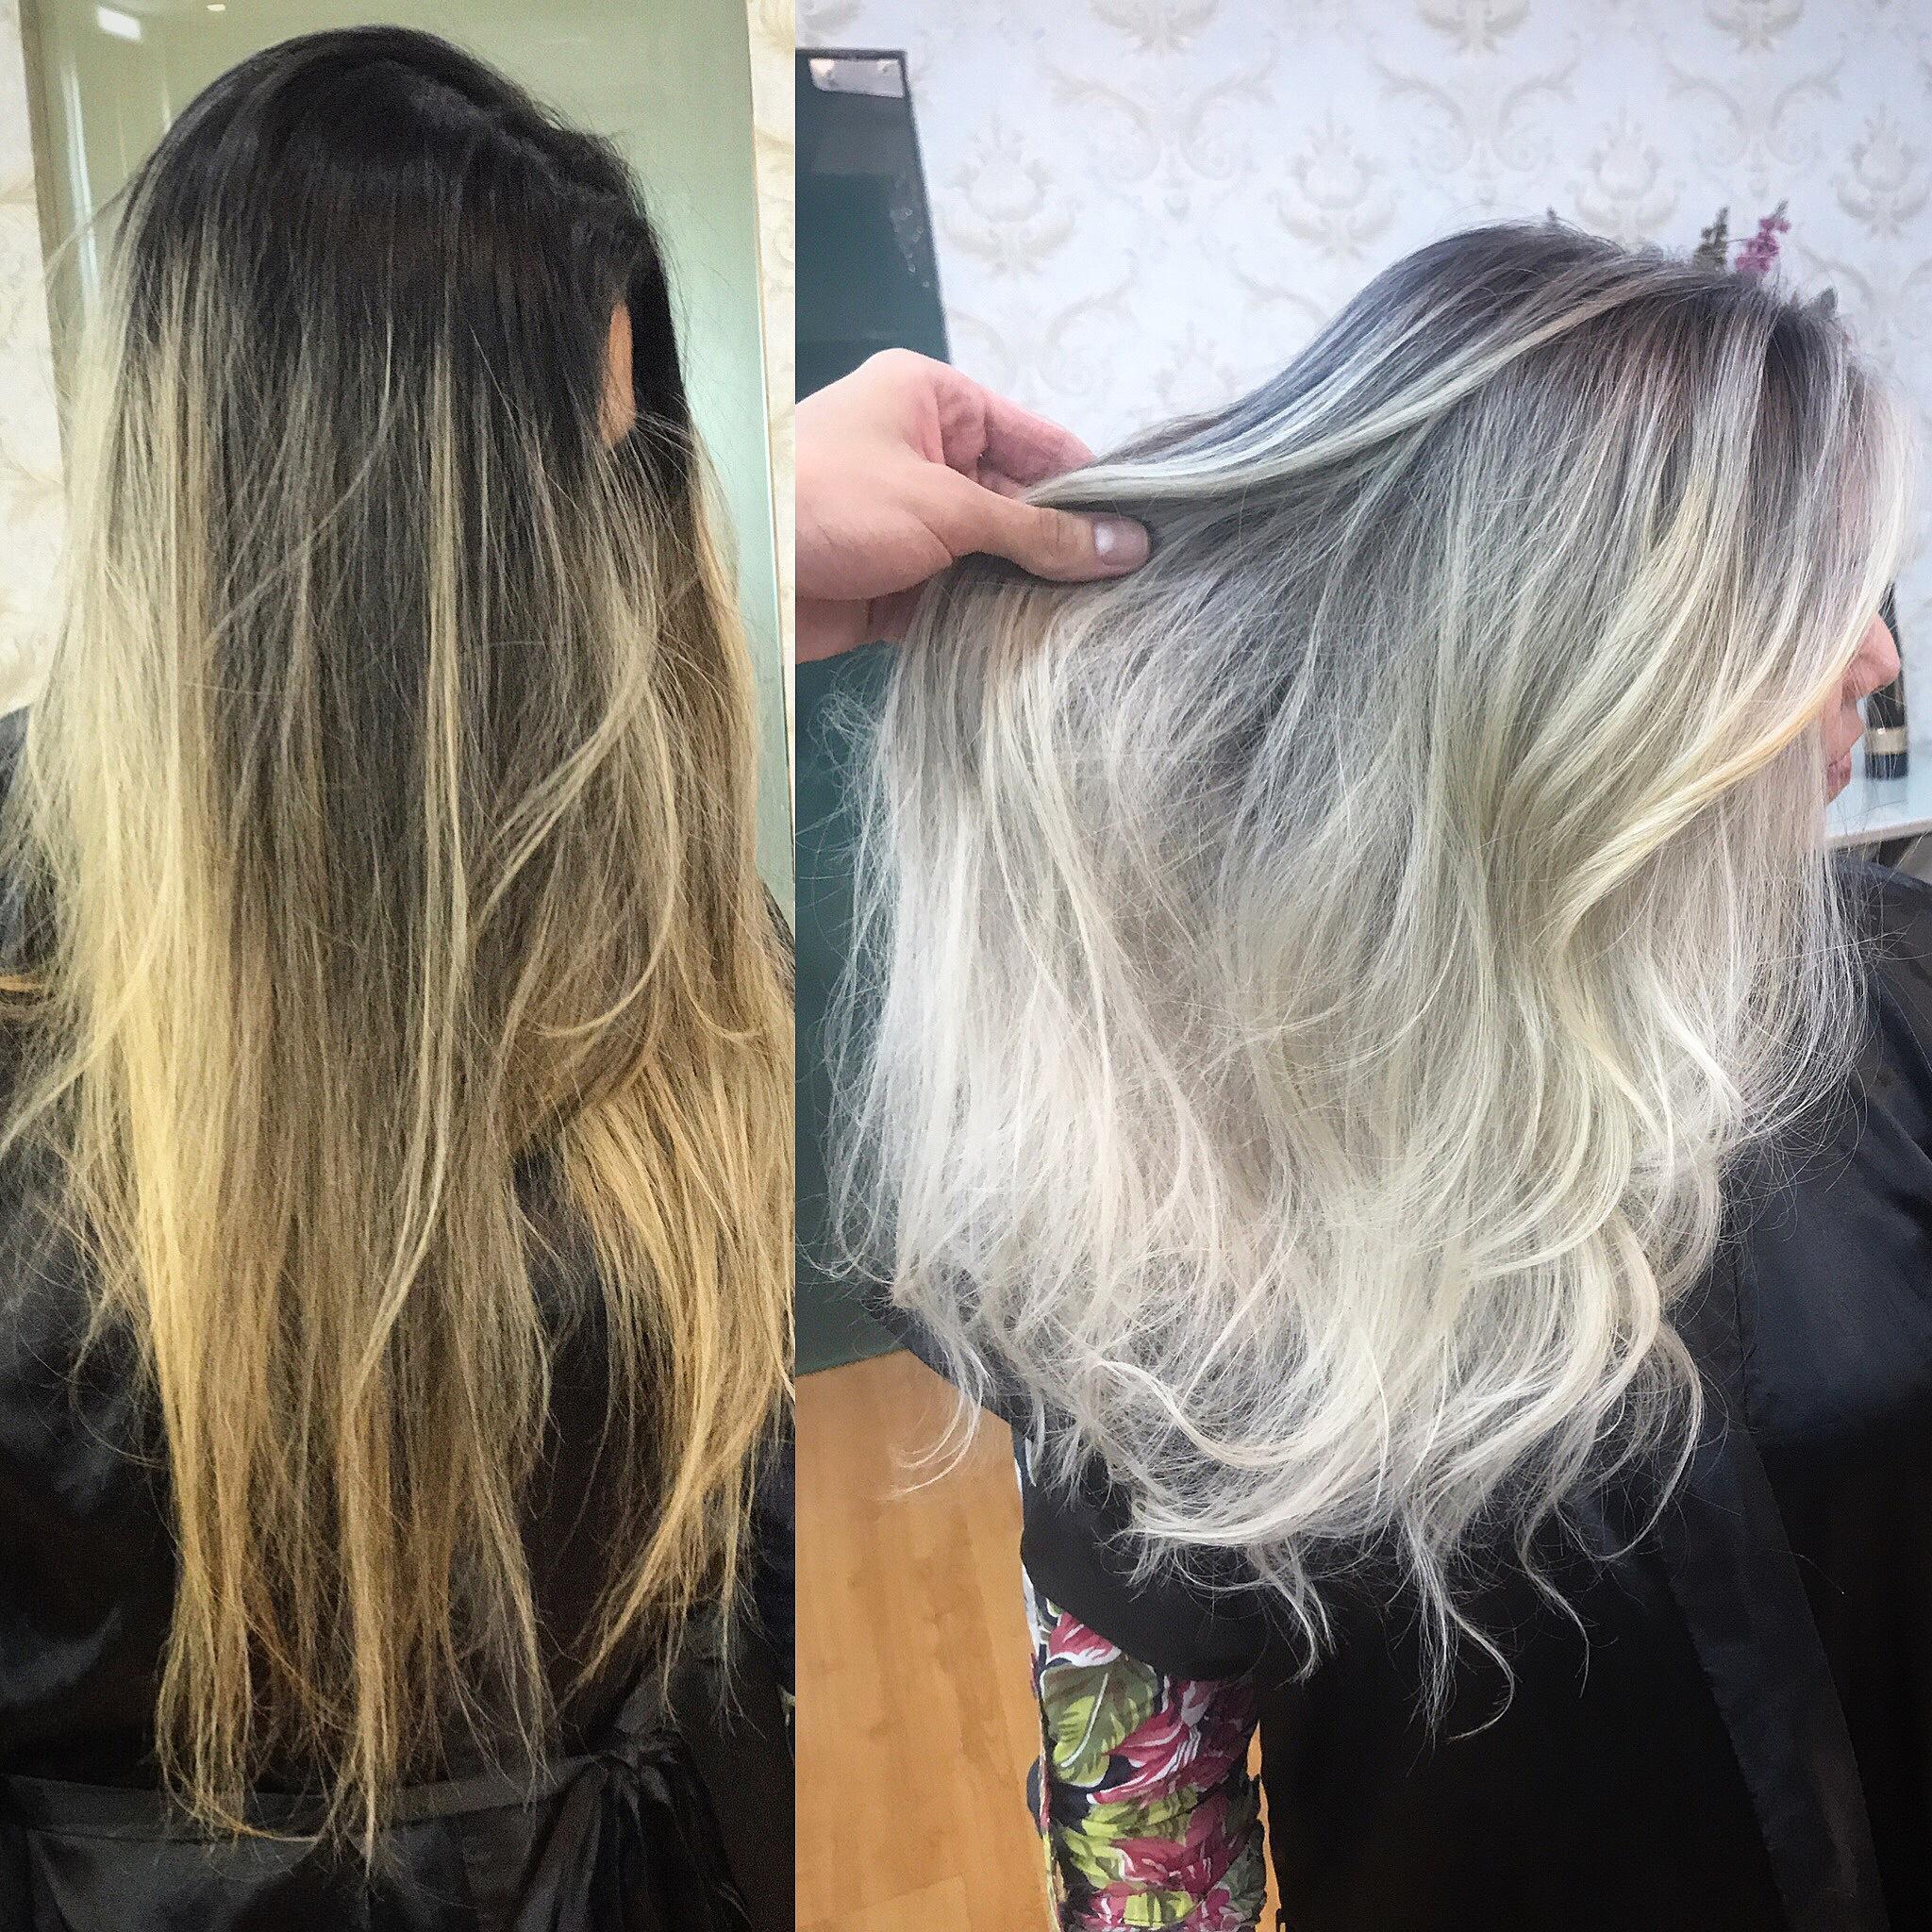 Antes e depois  Correção de cor  By: @cabelosdogugu  #Tudodemaismoderno cabelo